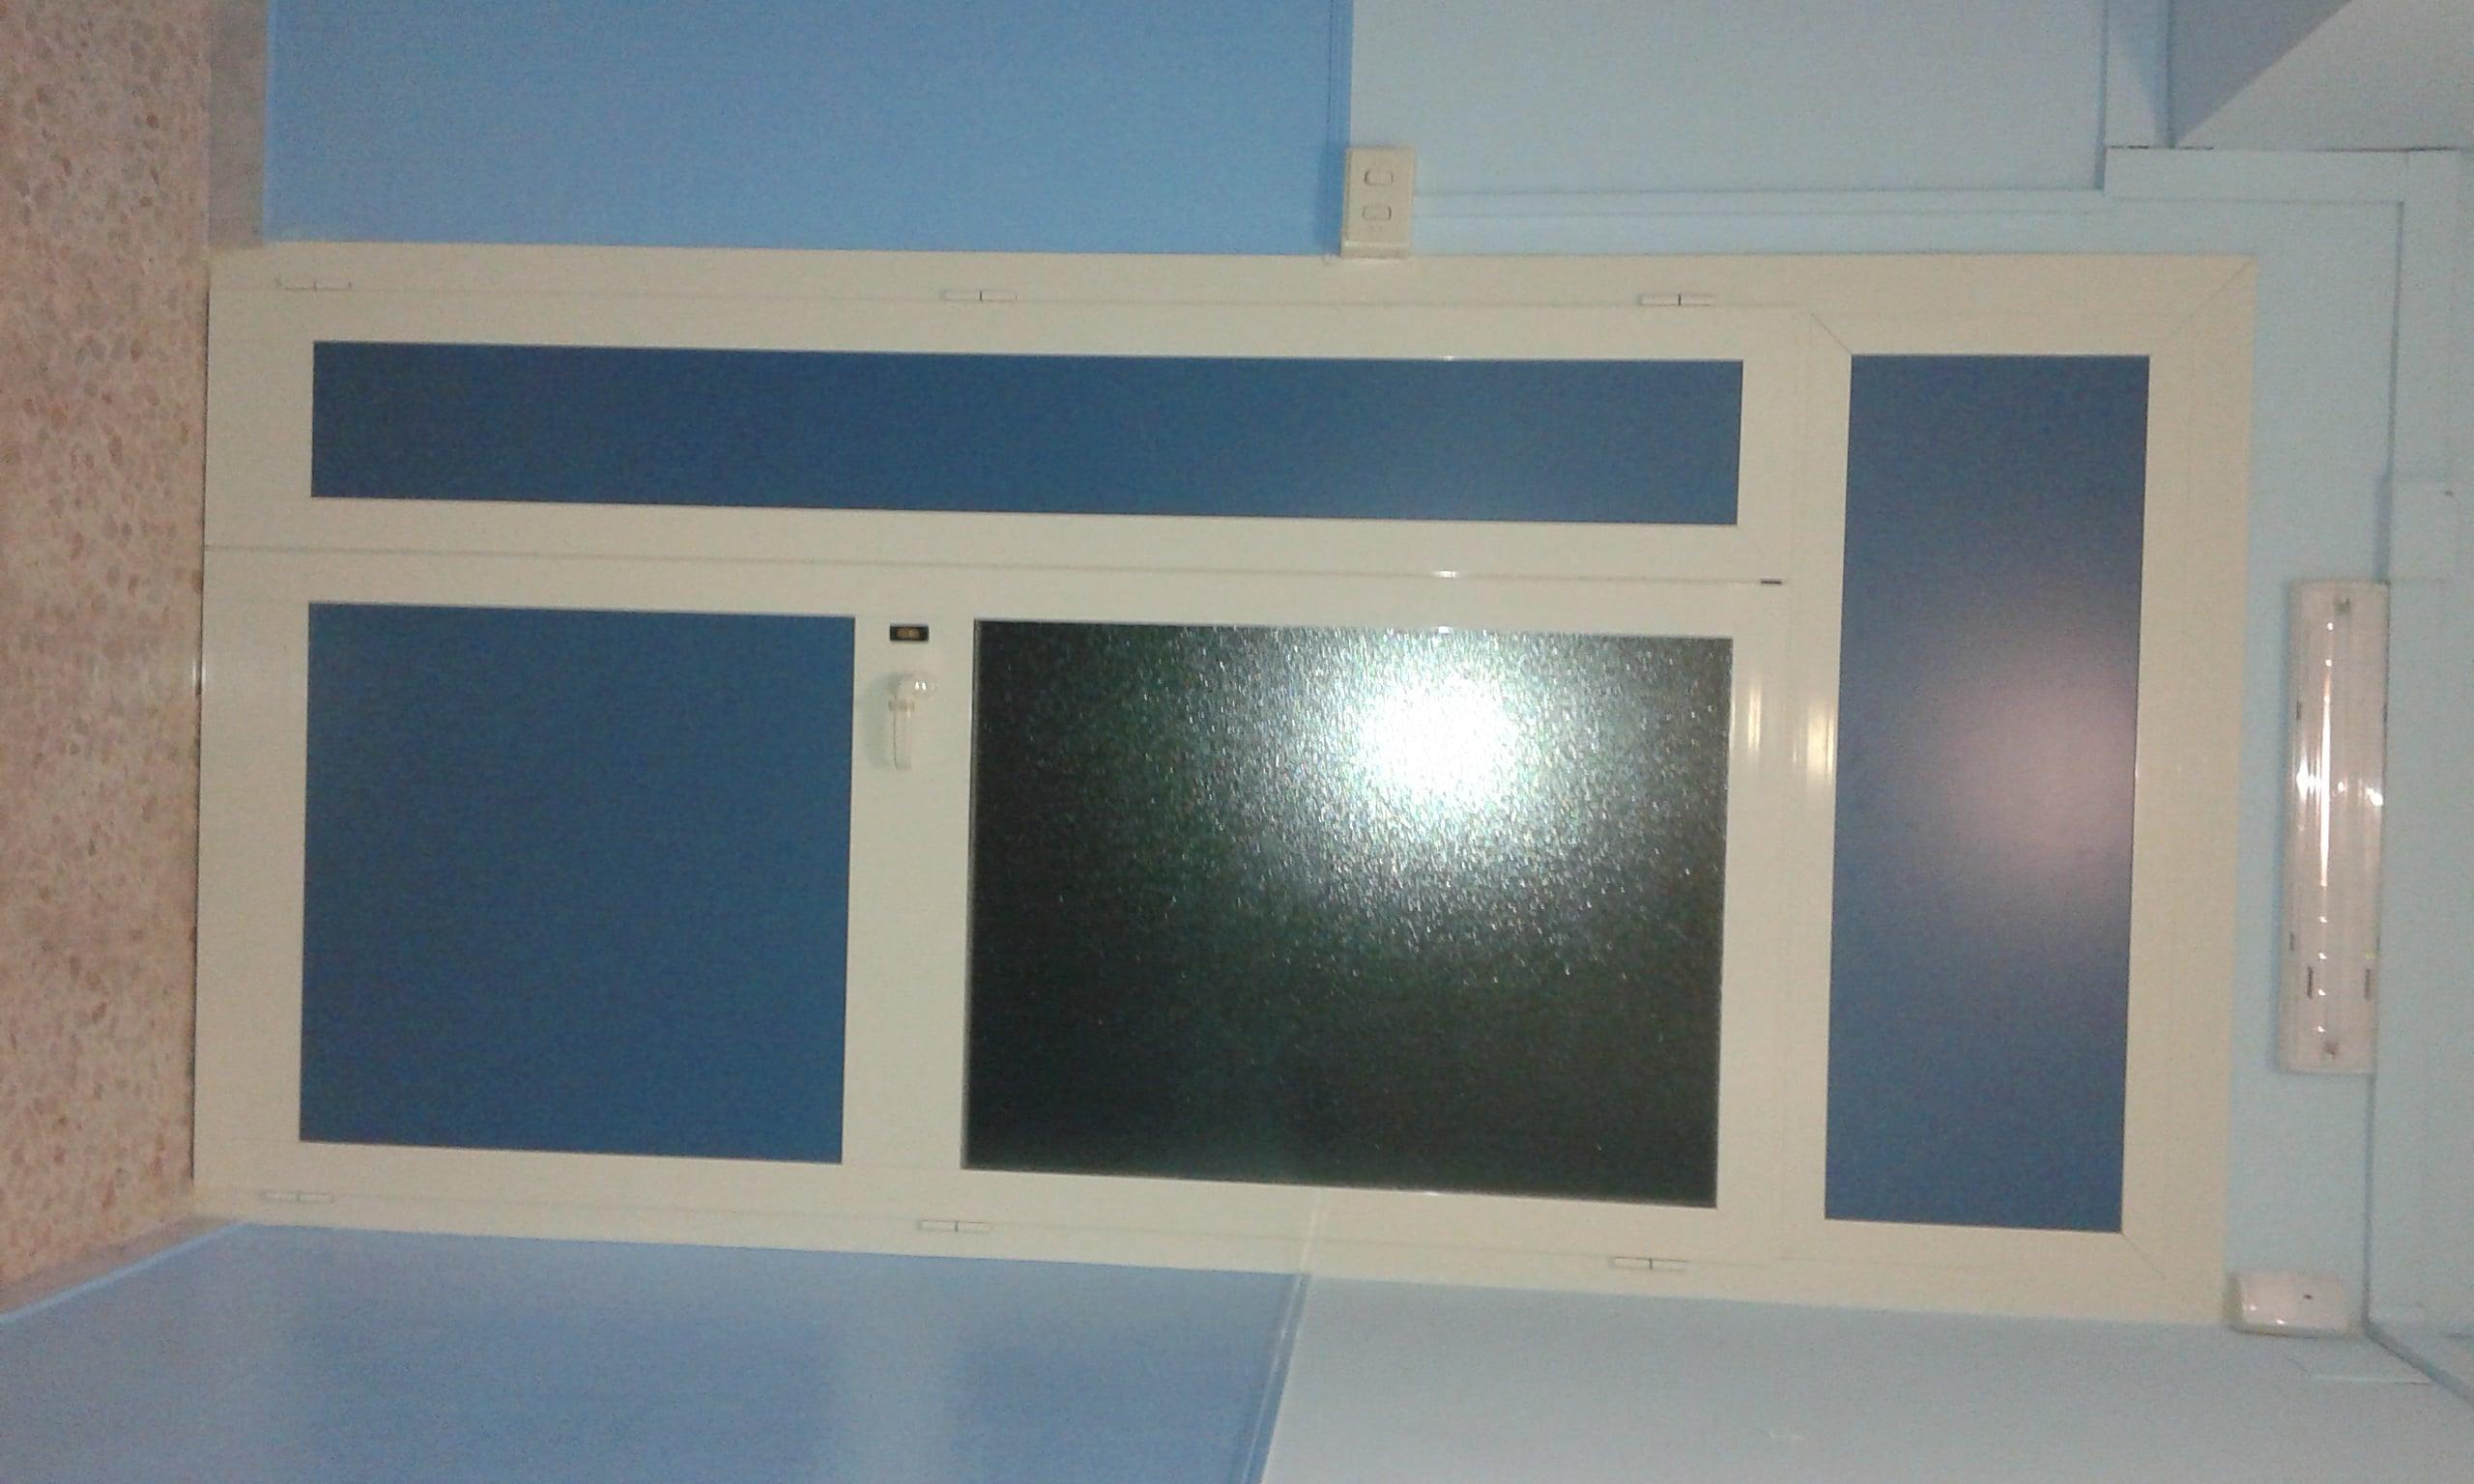 Porte alluminio infissi dgf serramenti for Infissi in pvc bianco effetto legno